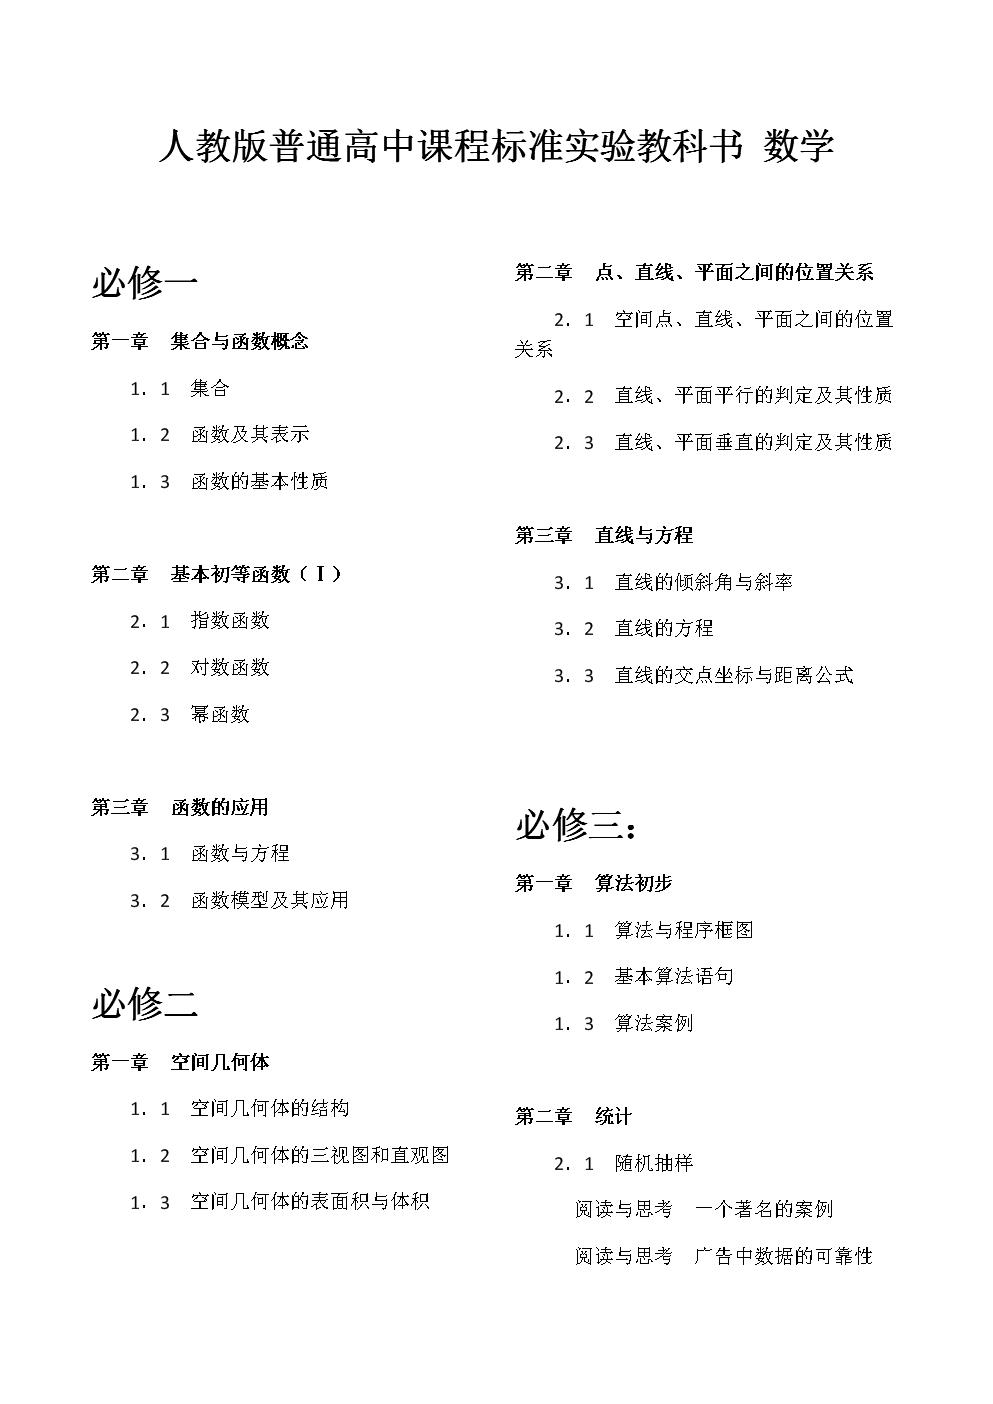 (人教版)高中数学教材最新目录.docx